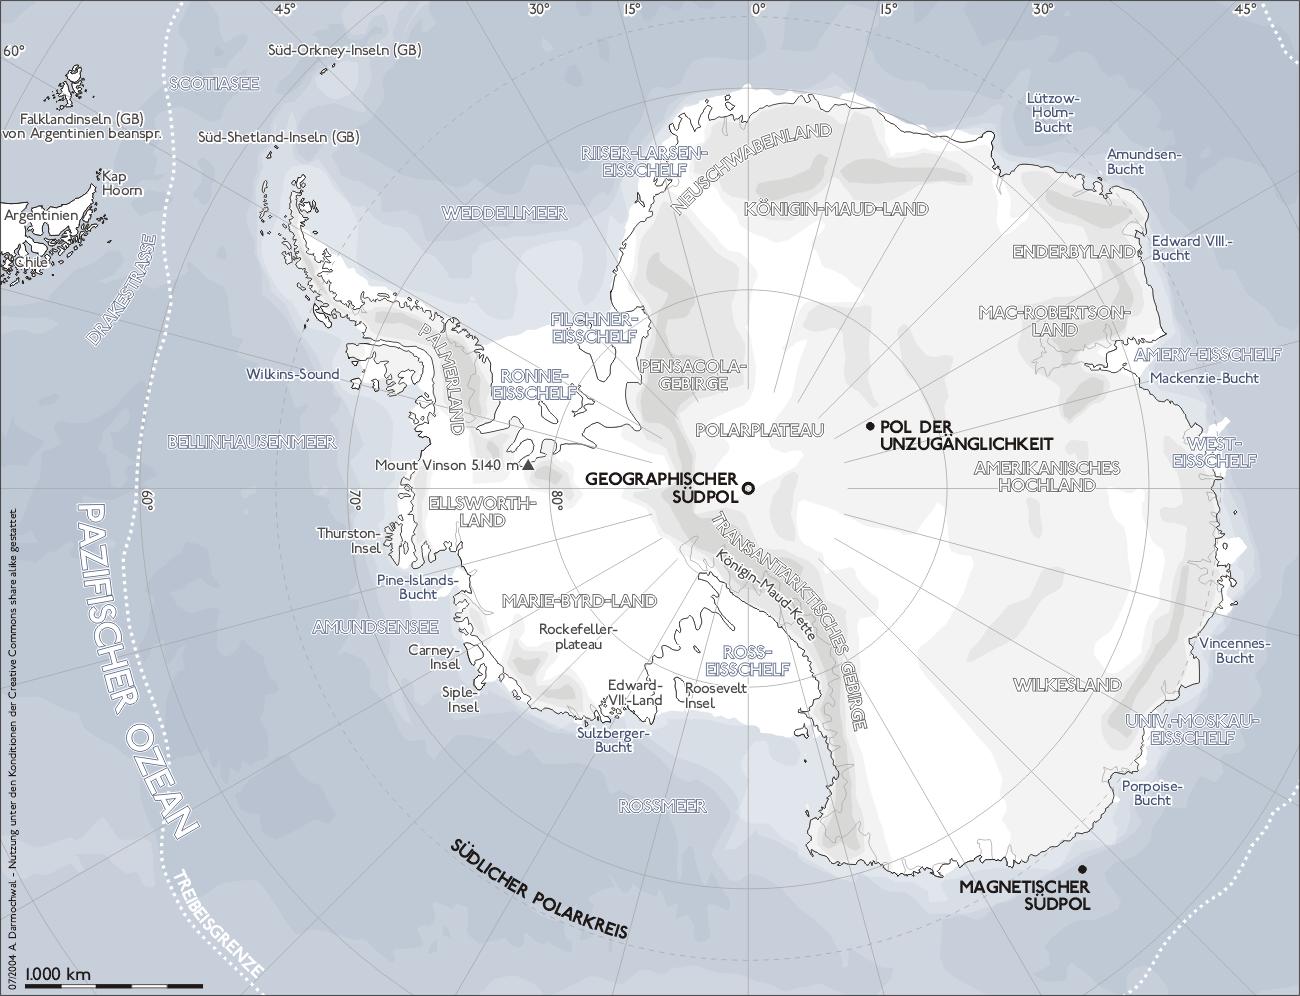 Südpol der unzugänglichkeit